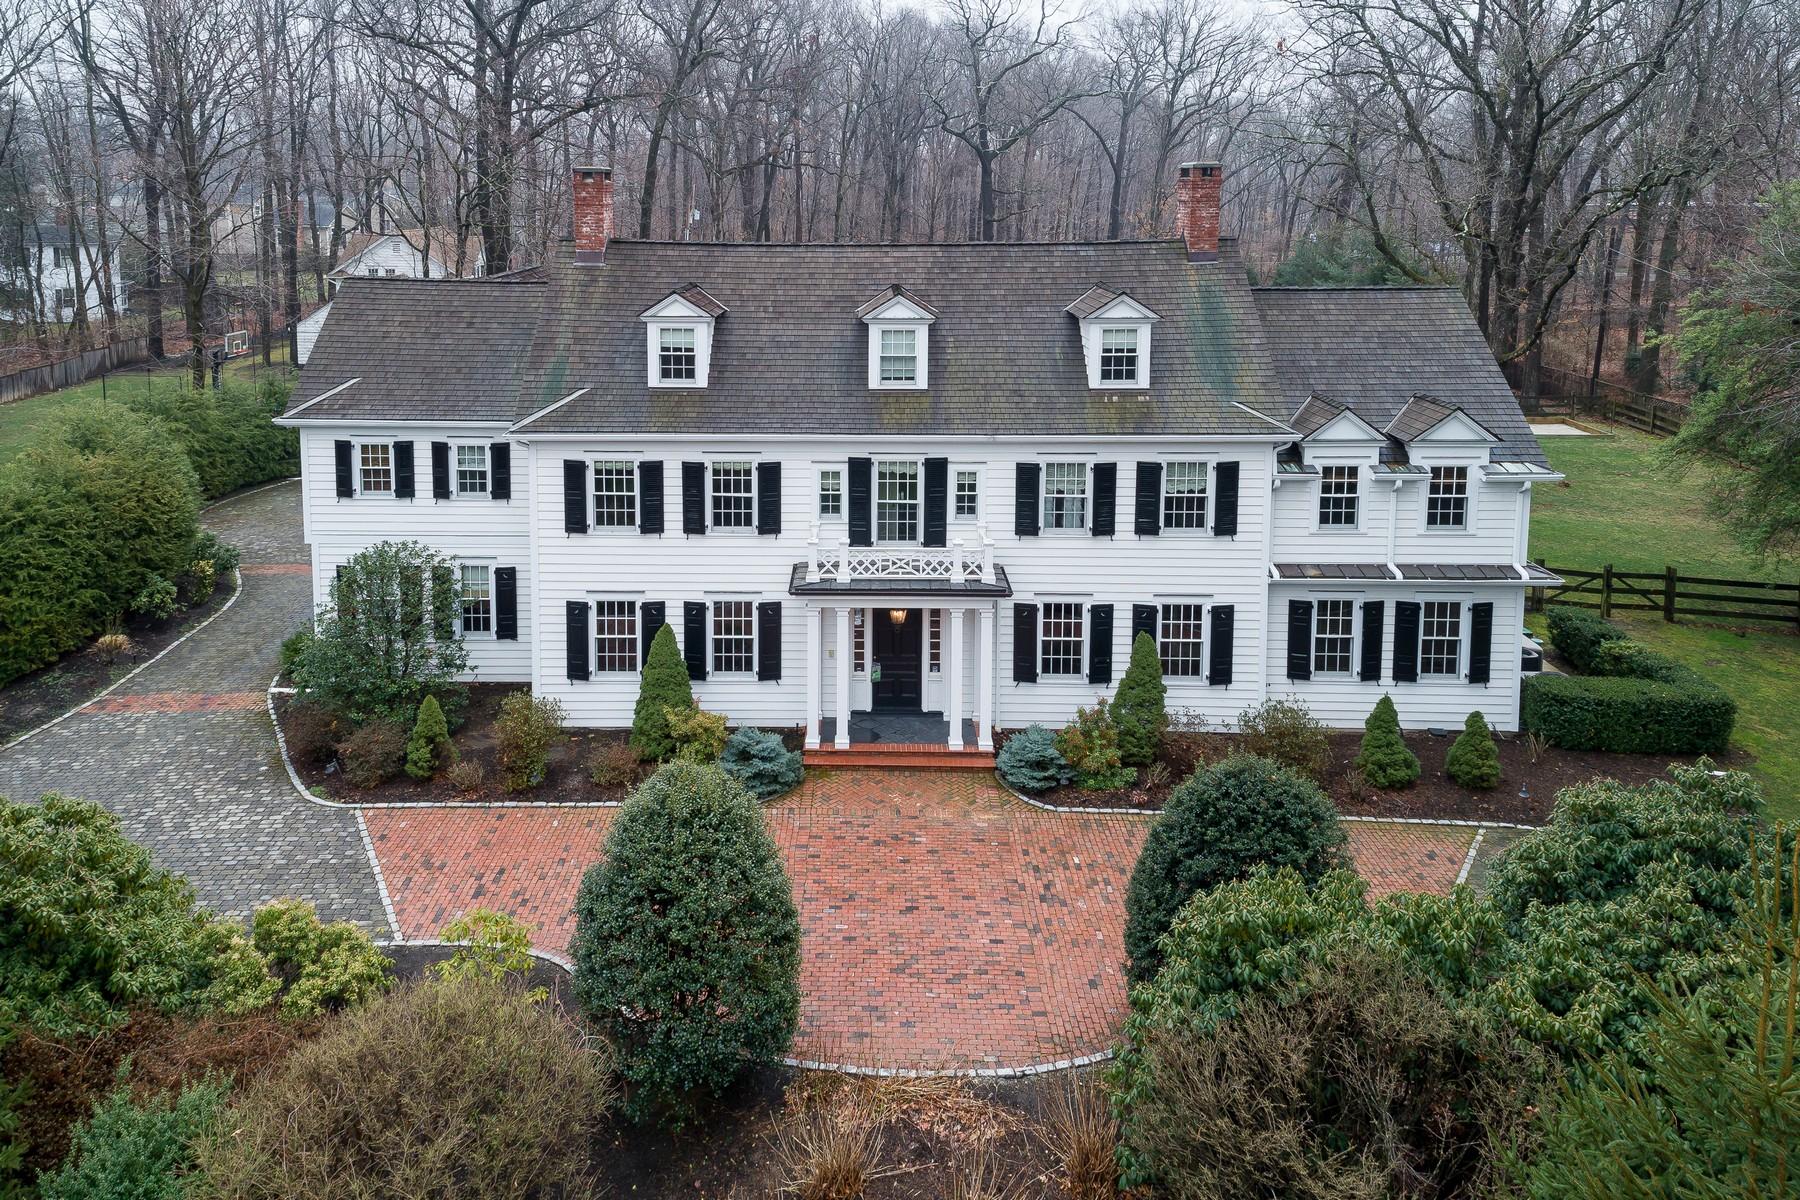 一戸建て のために 売買 アット Colonial Revival Home 21 Normandy Parkway Morris Township, ニュージャージー, 07960 アメリカ合衆国